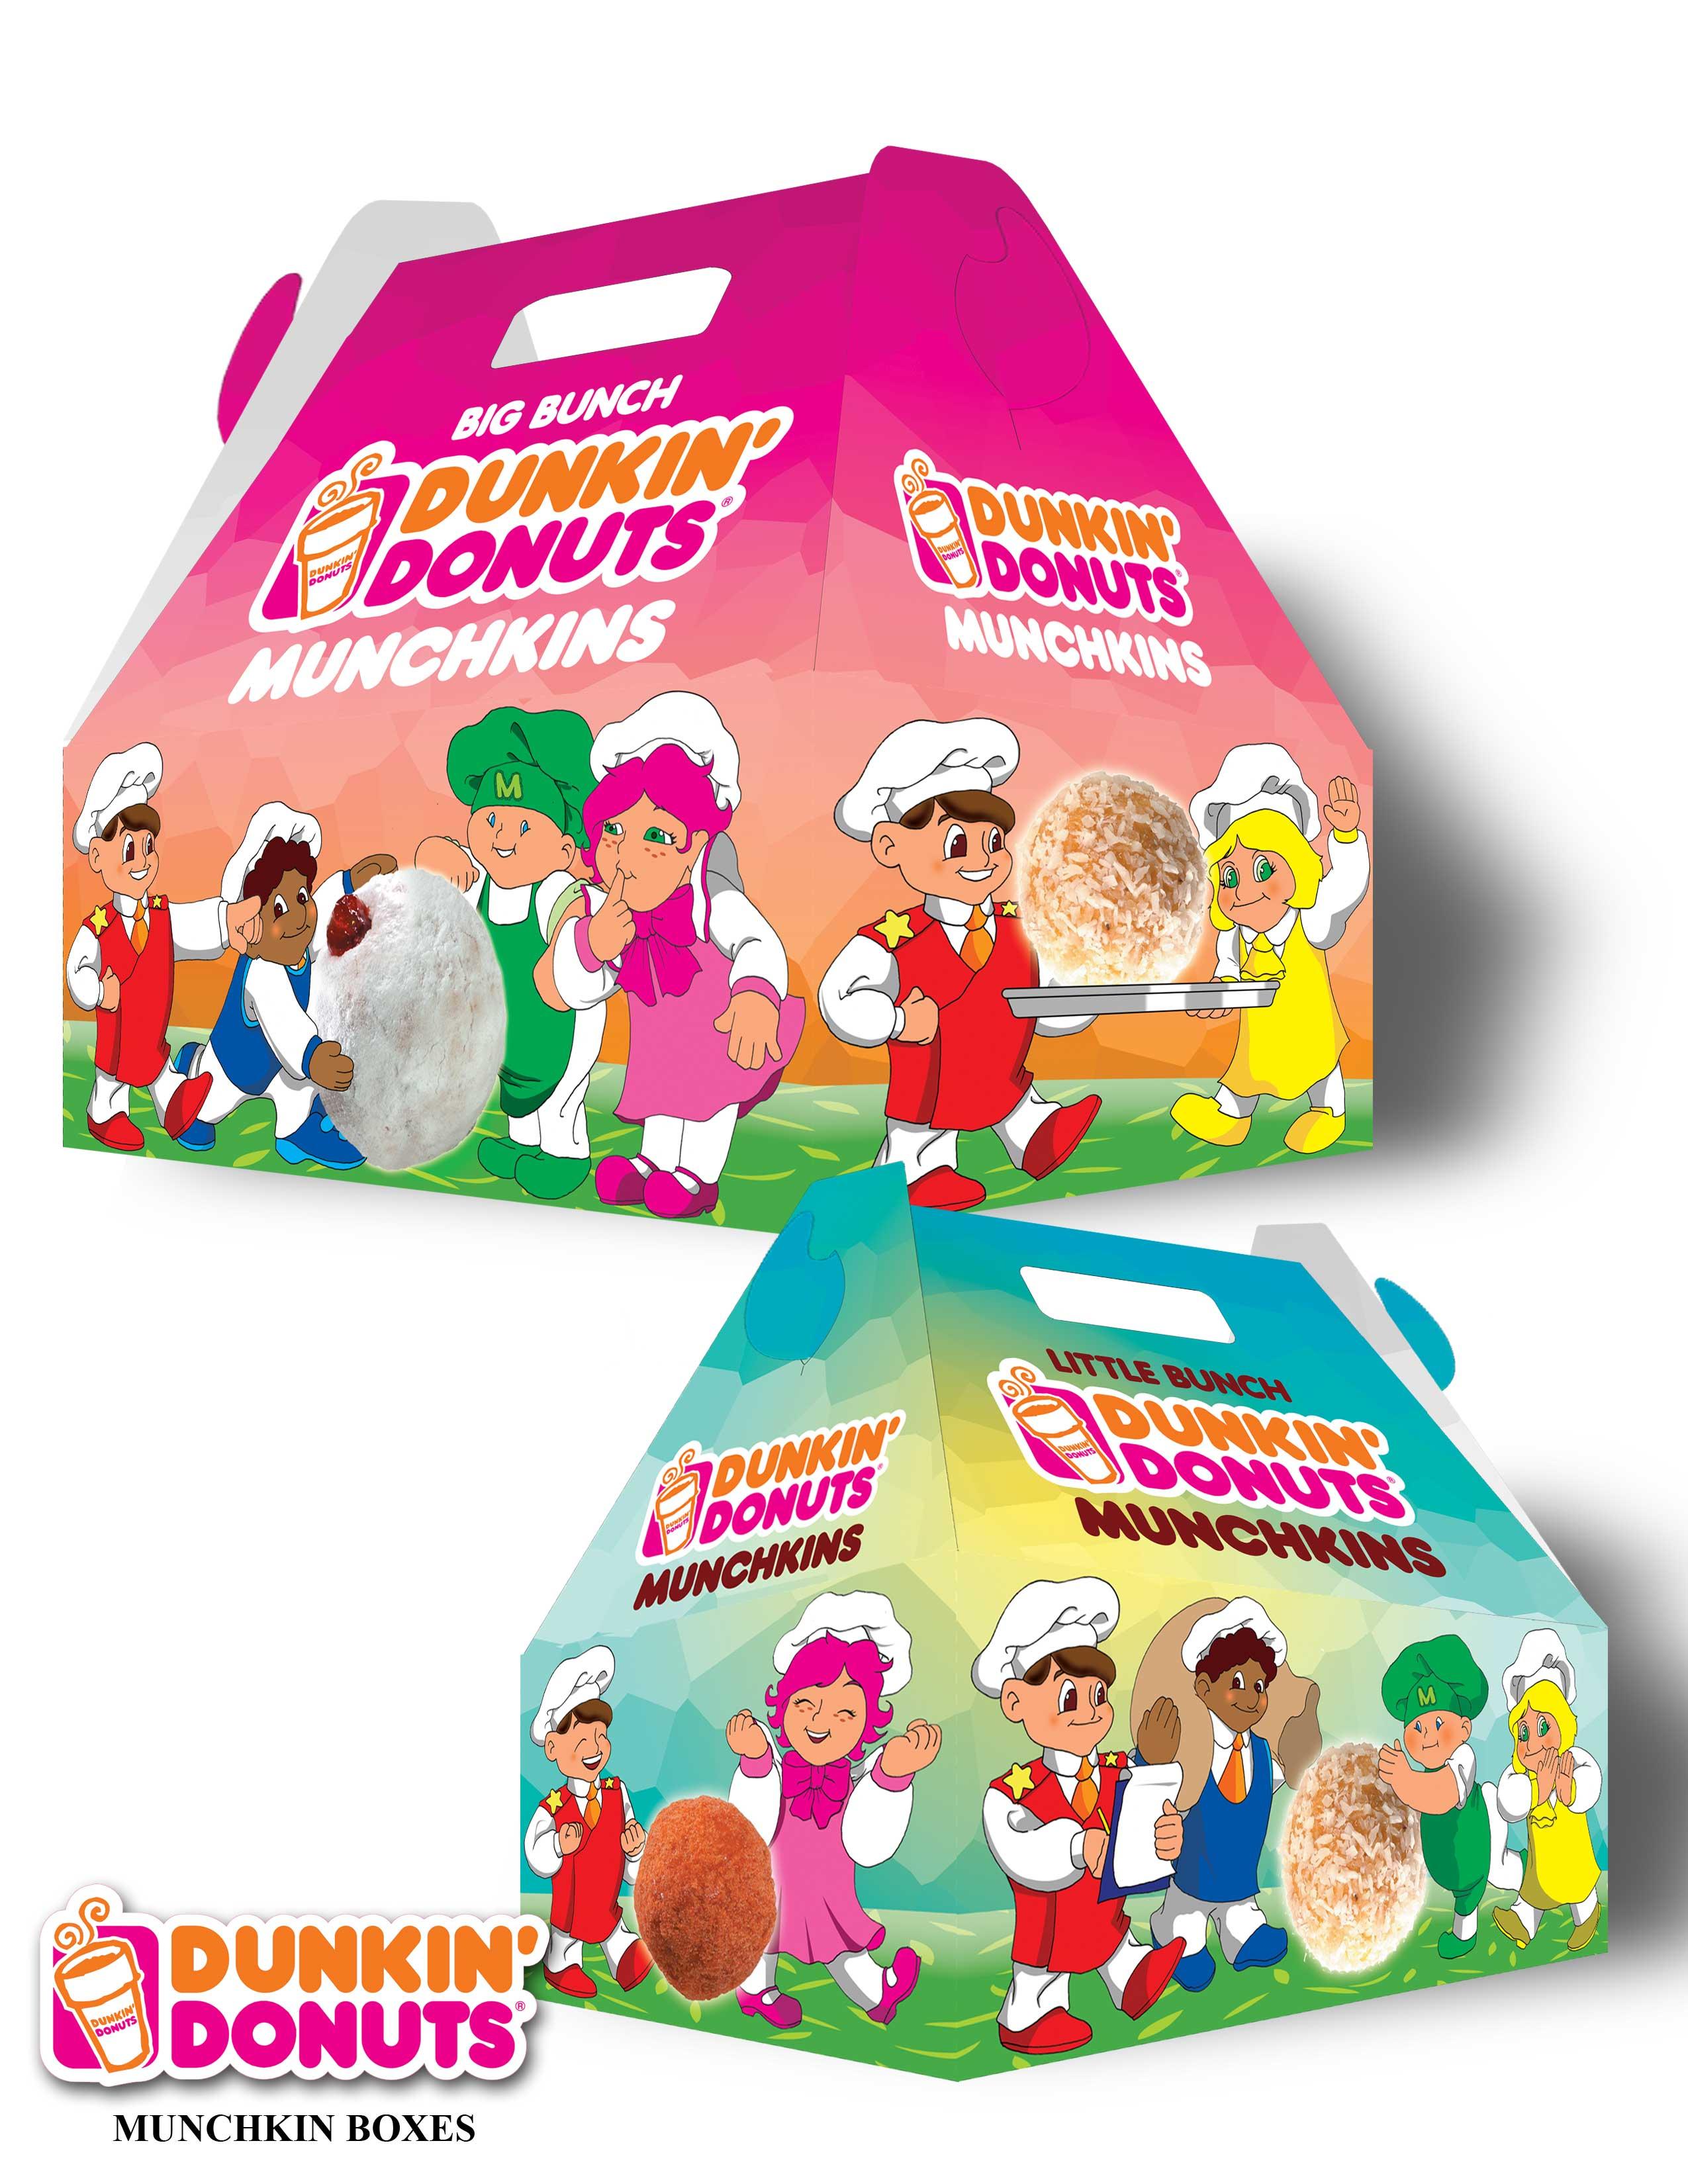 Dunkin donuts coupons box of joe